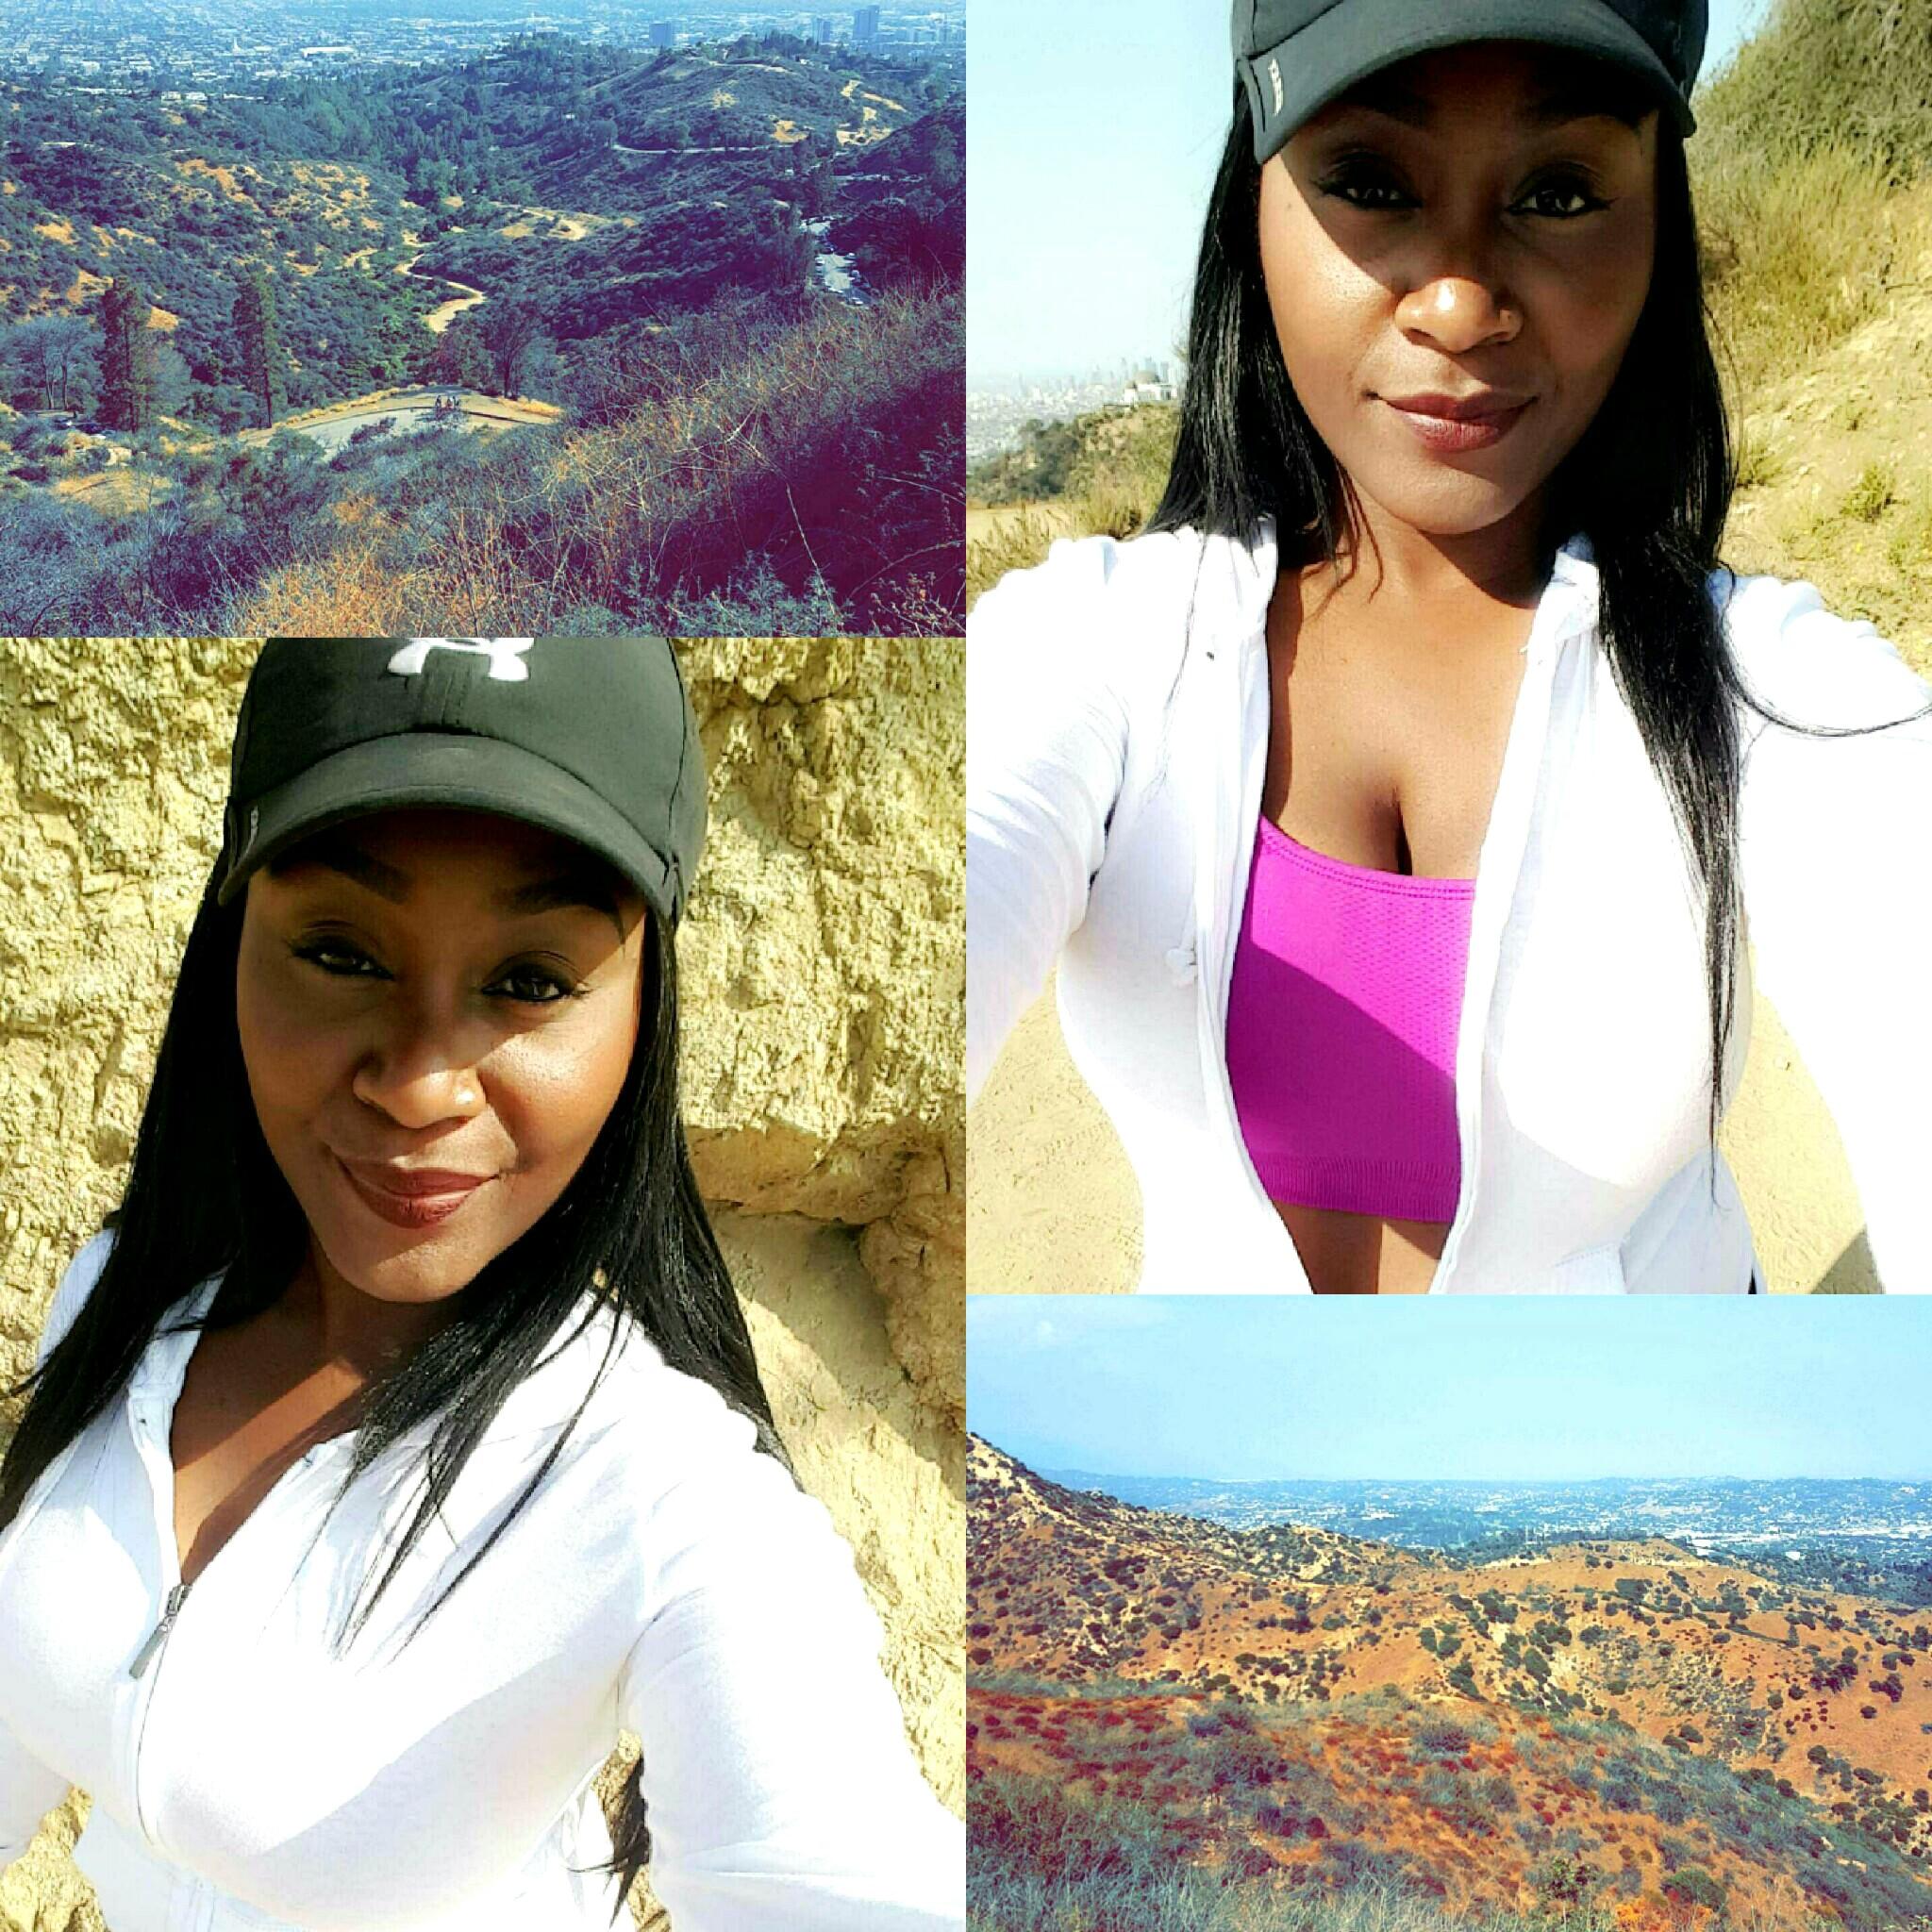 Hollyridge Trail, Los Angeles CA